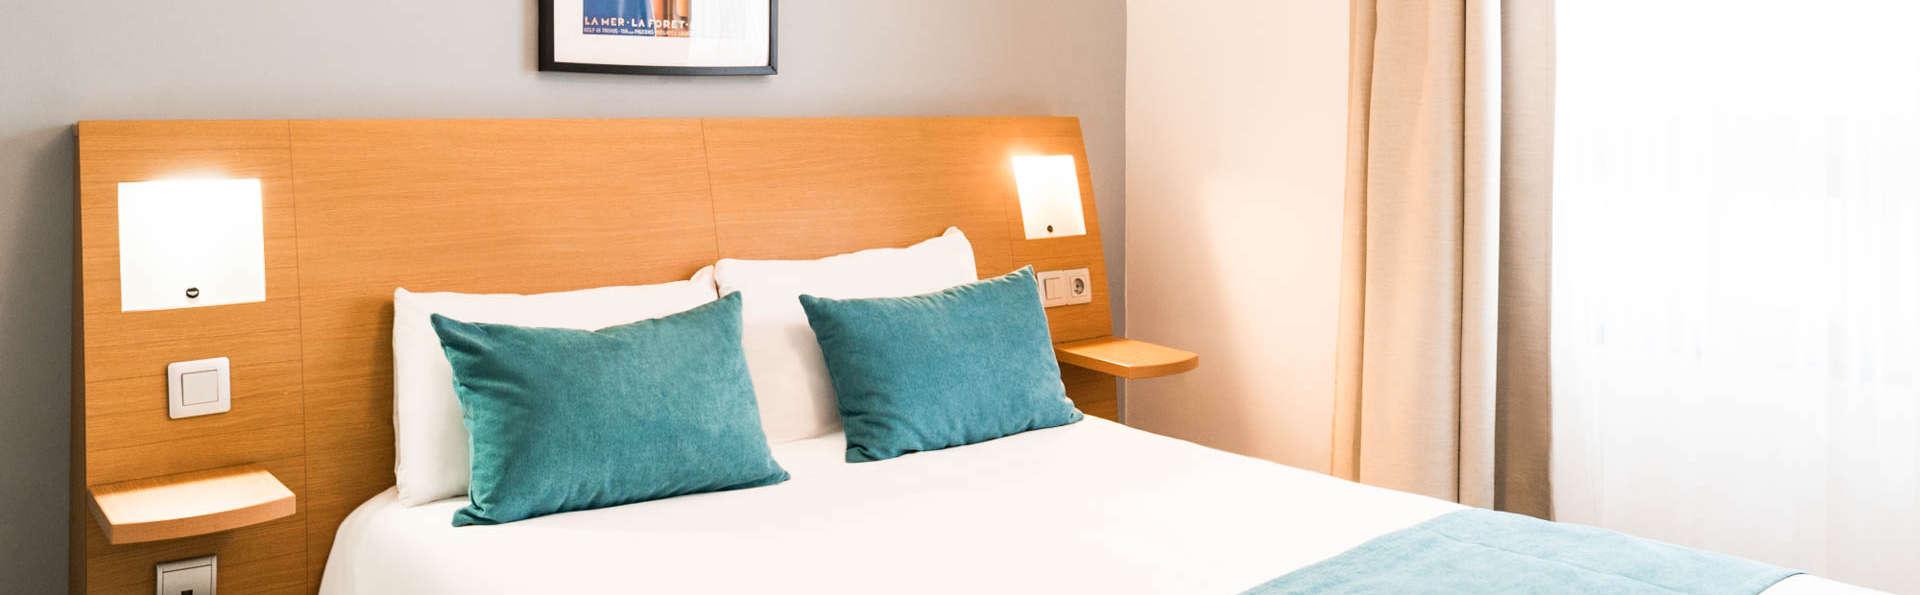 Best Western Hôtel Royan Ocean  - EDIT_NEW_ROOM-4.jpg